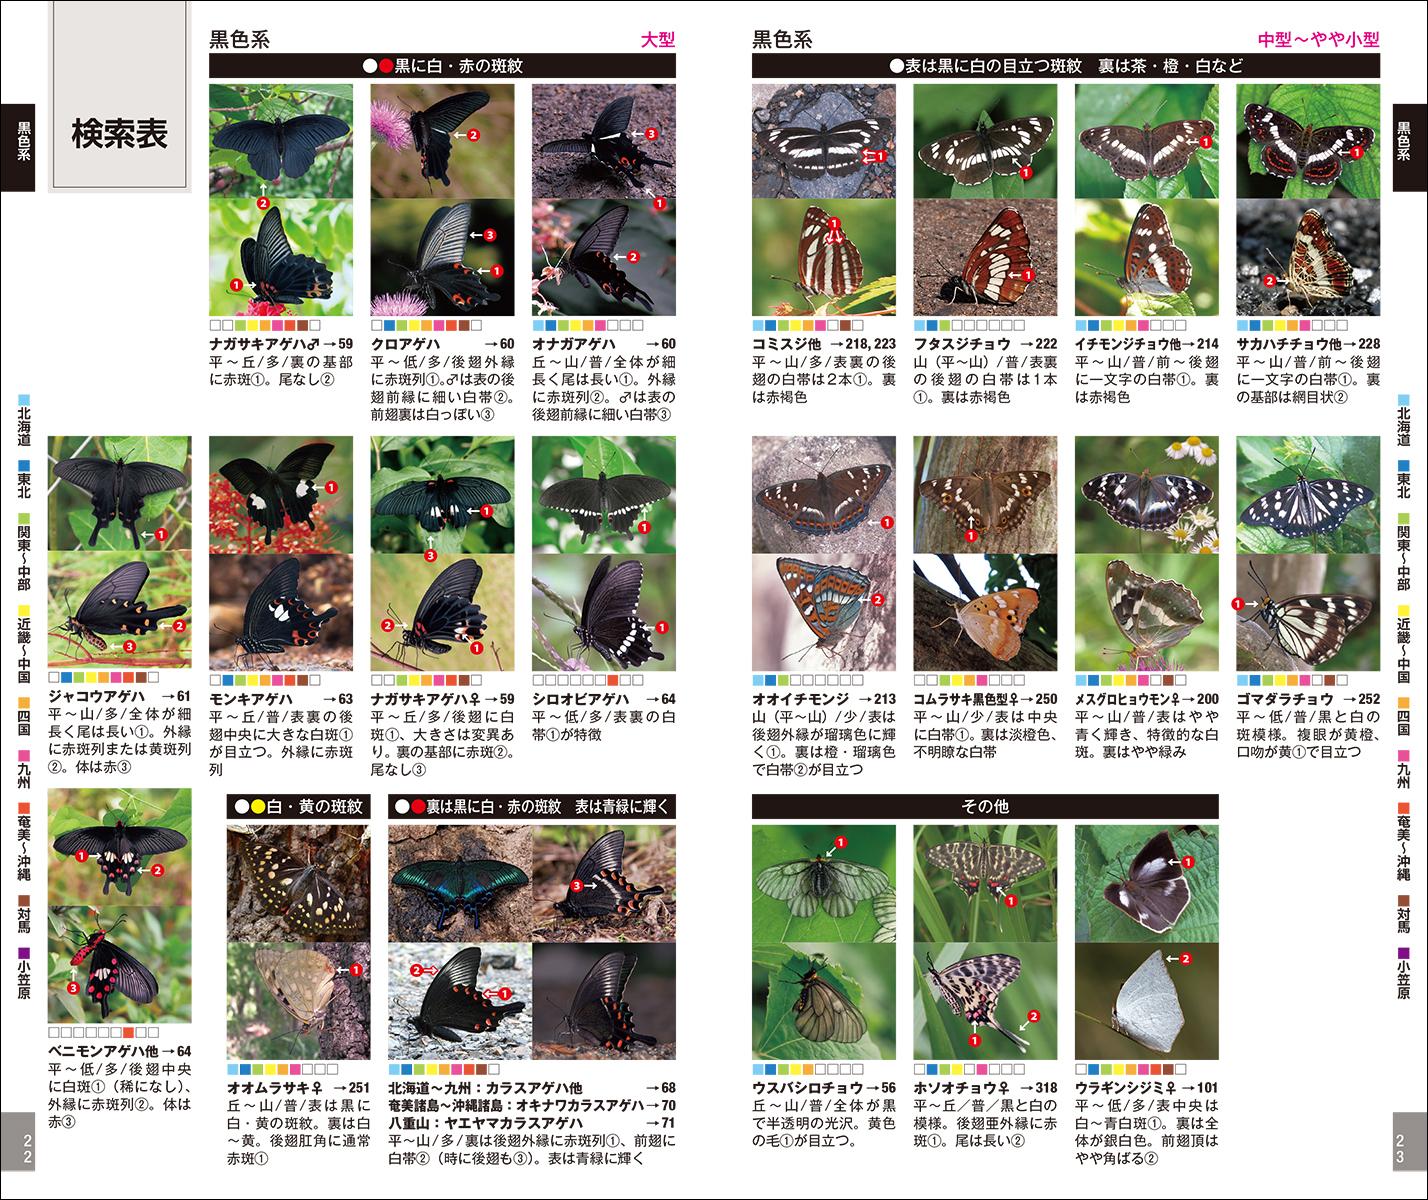 楽天ブックス: 増補改訂版 日本のチョウ - 日本産全種がフィールド写真 ...